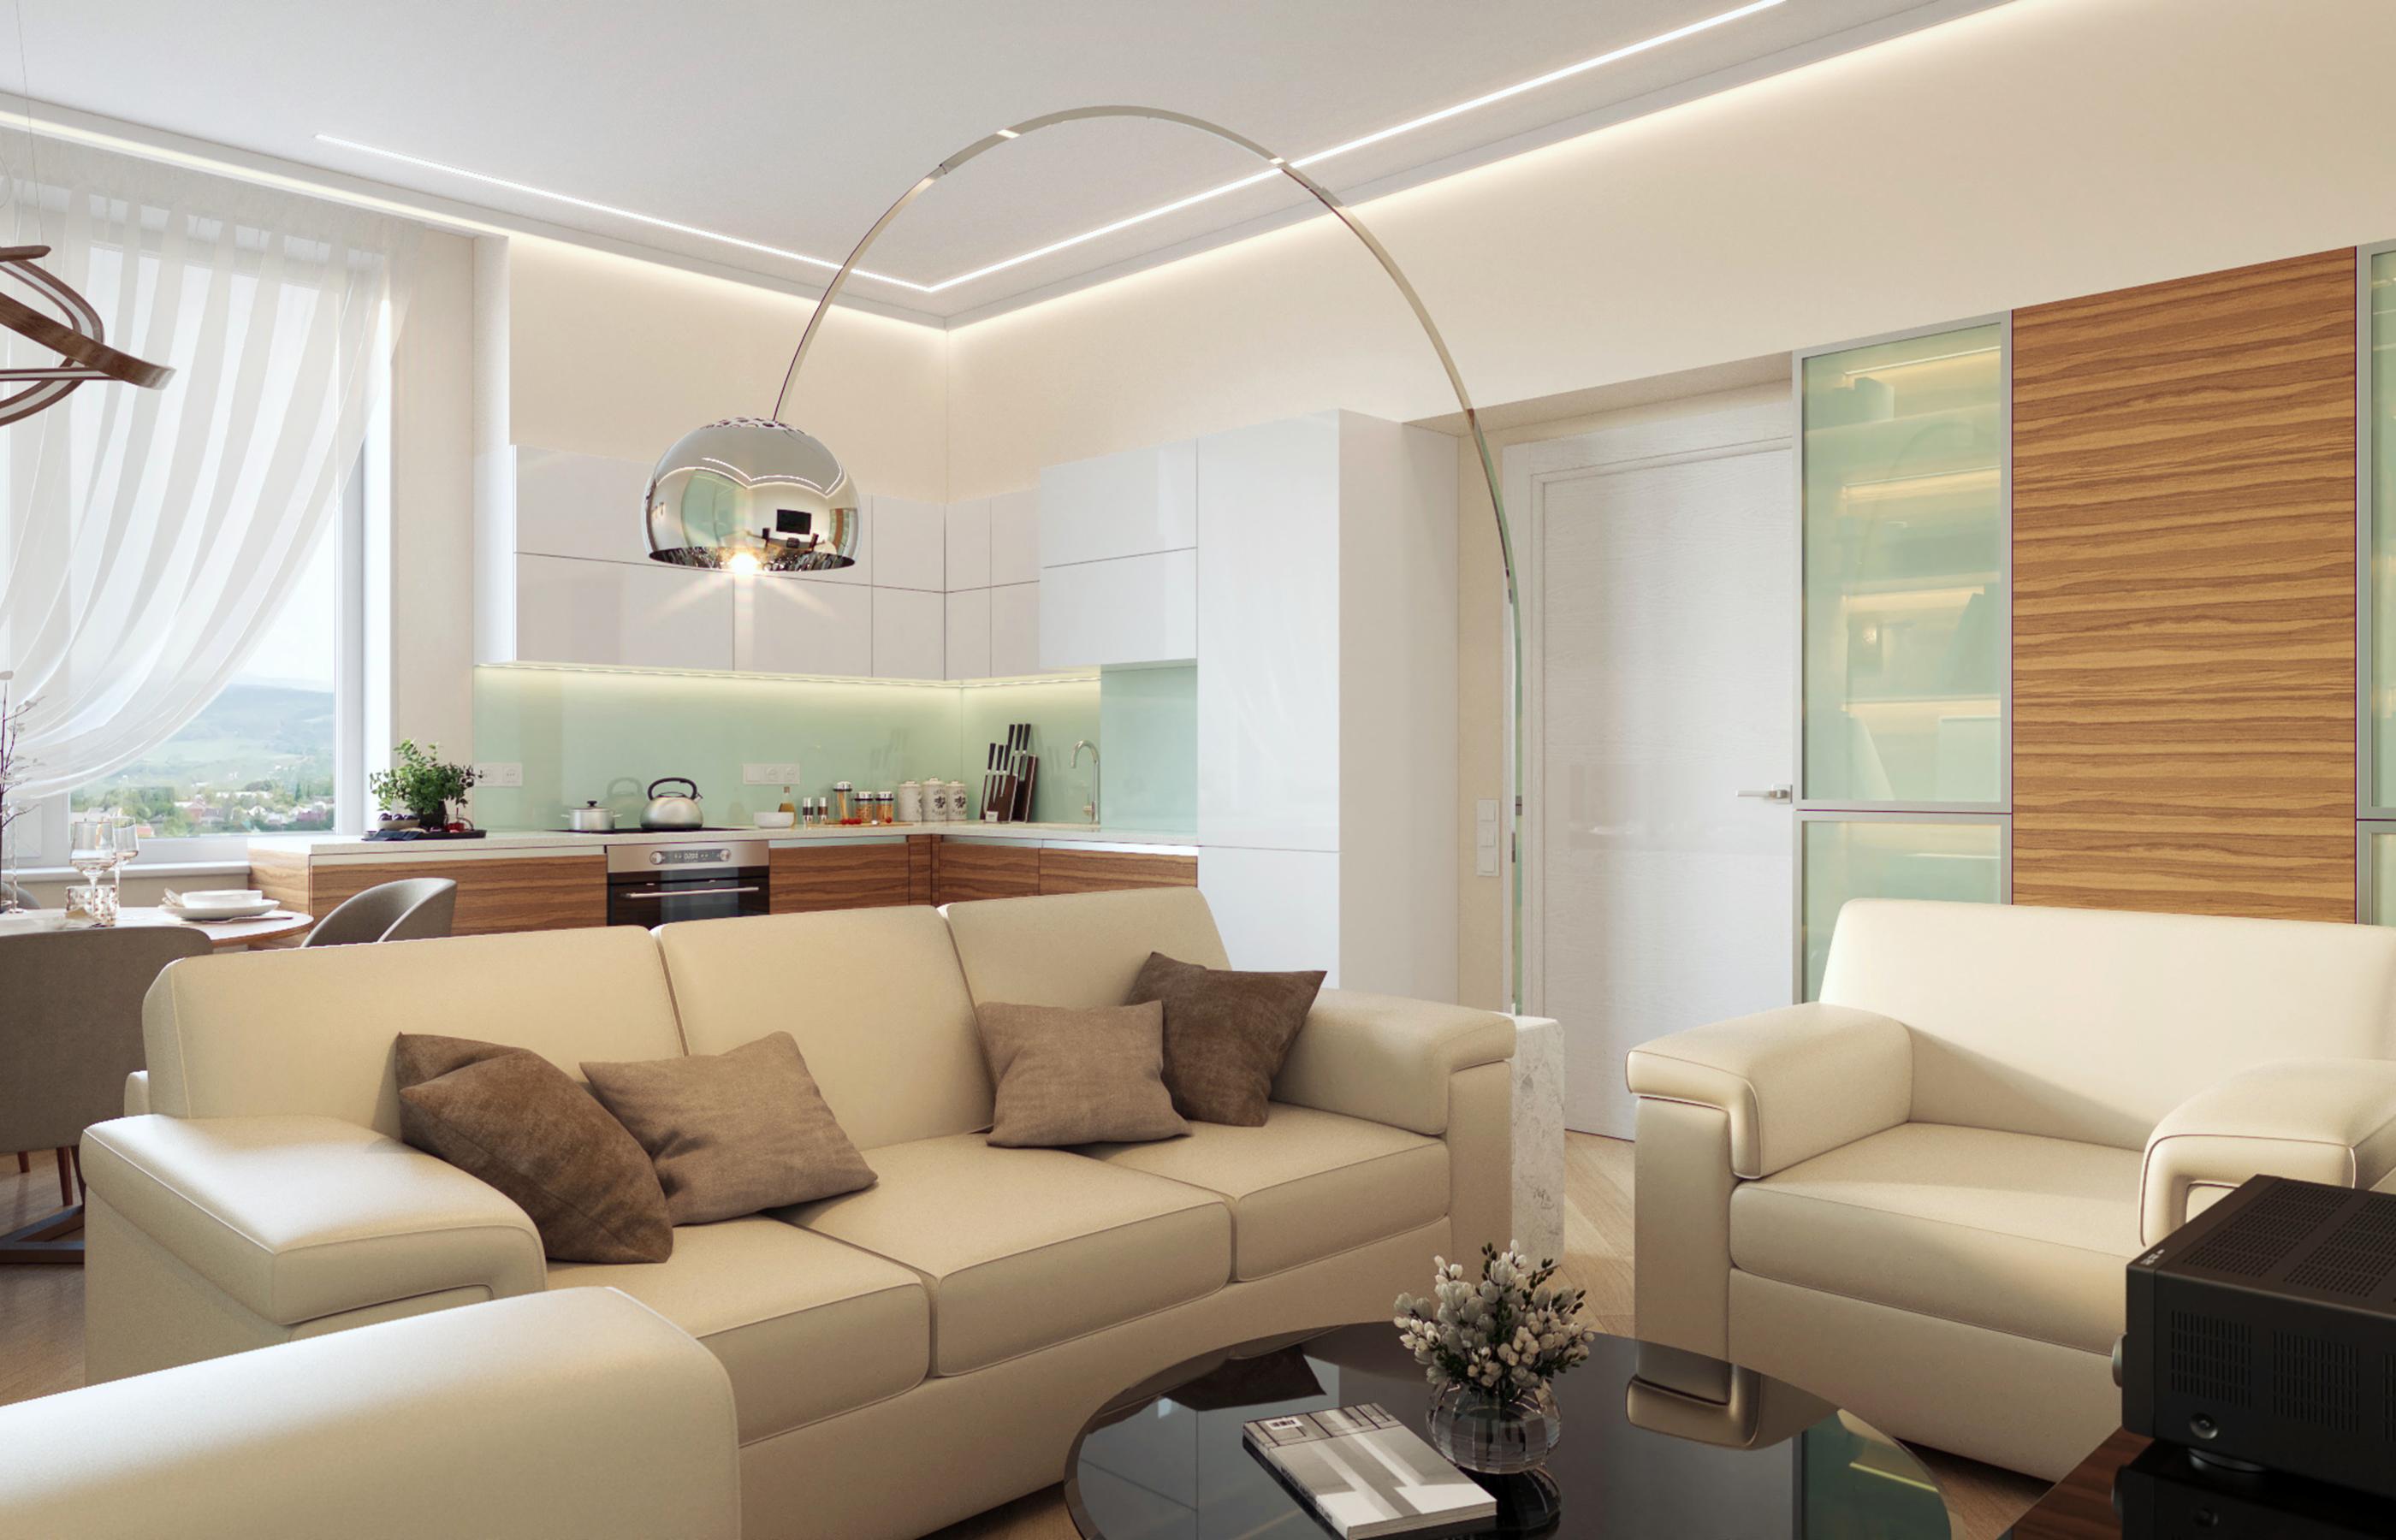 Мебель для кухни от фабрики Джулия Новарс